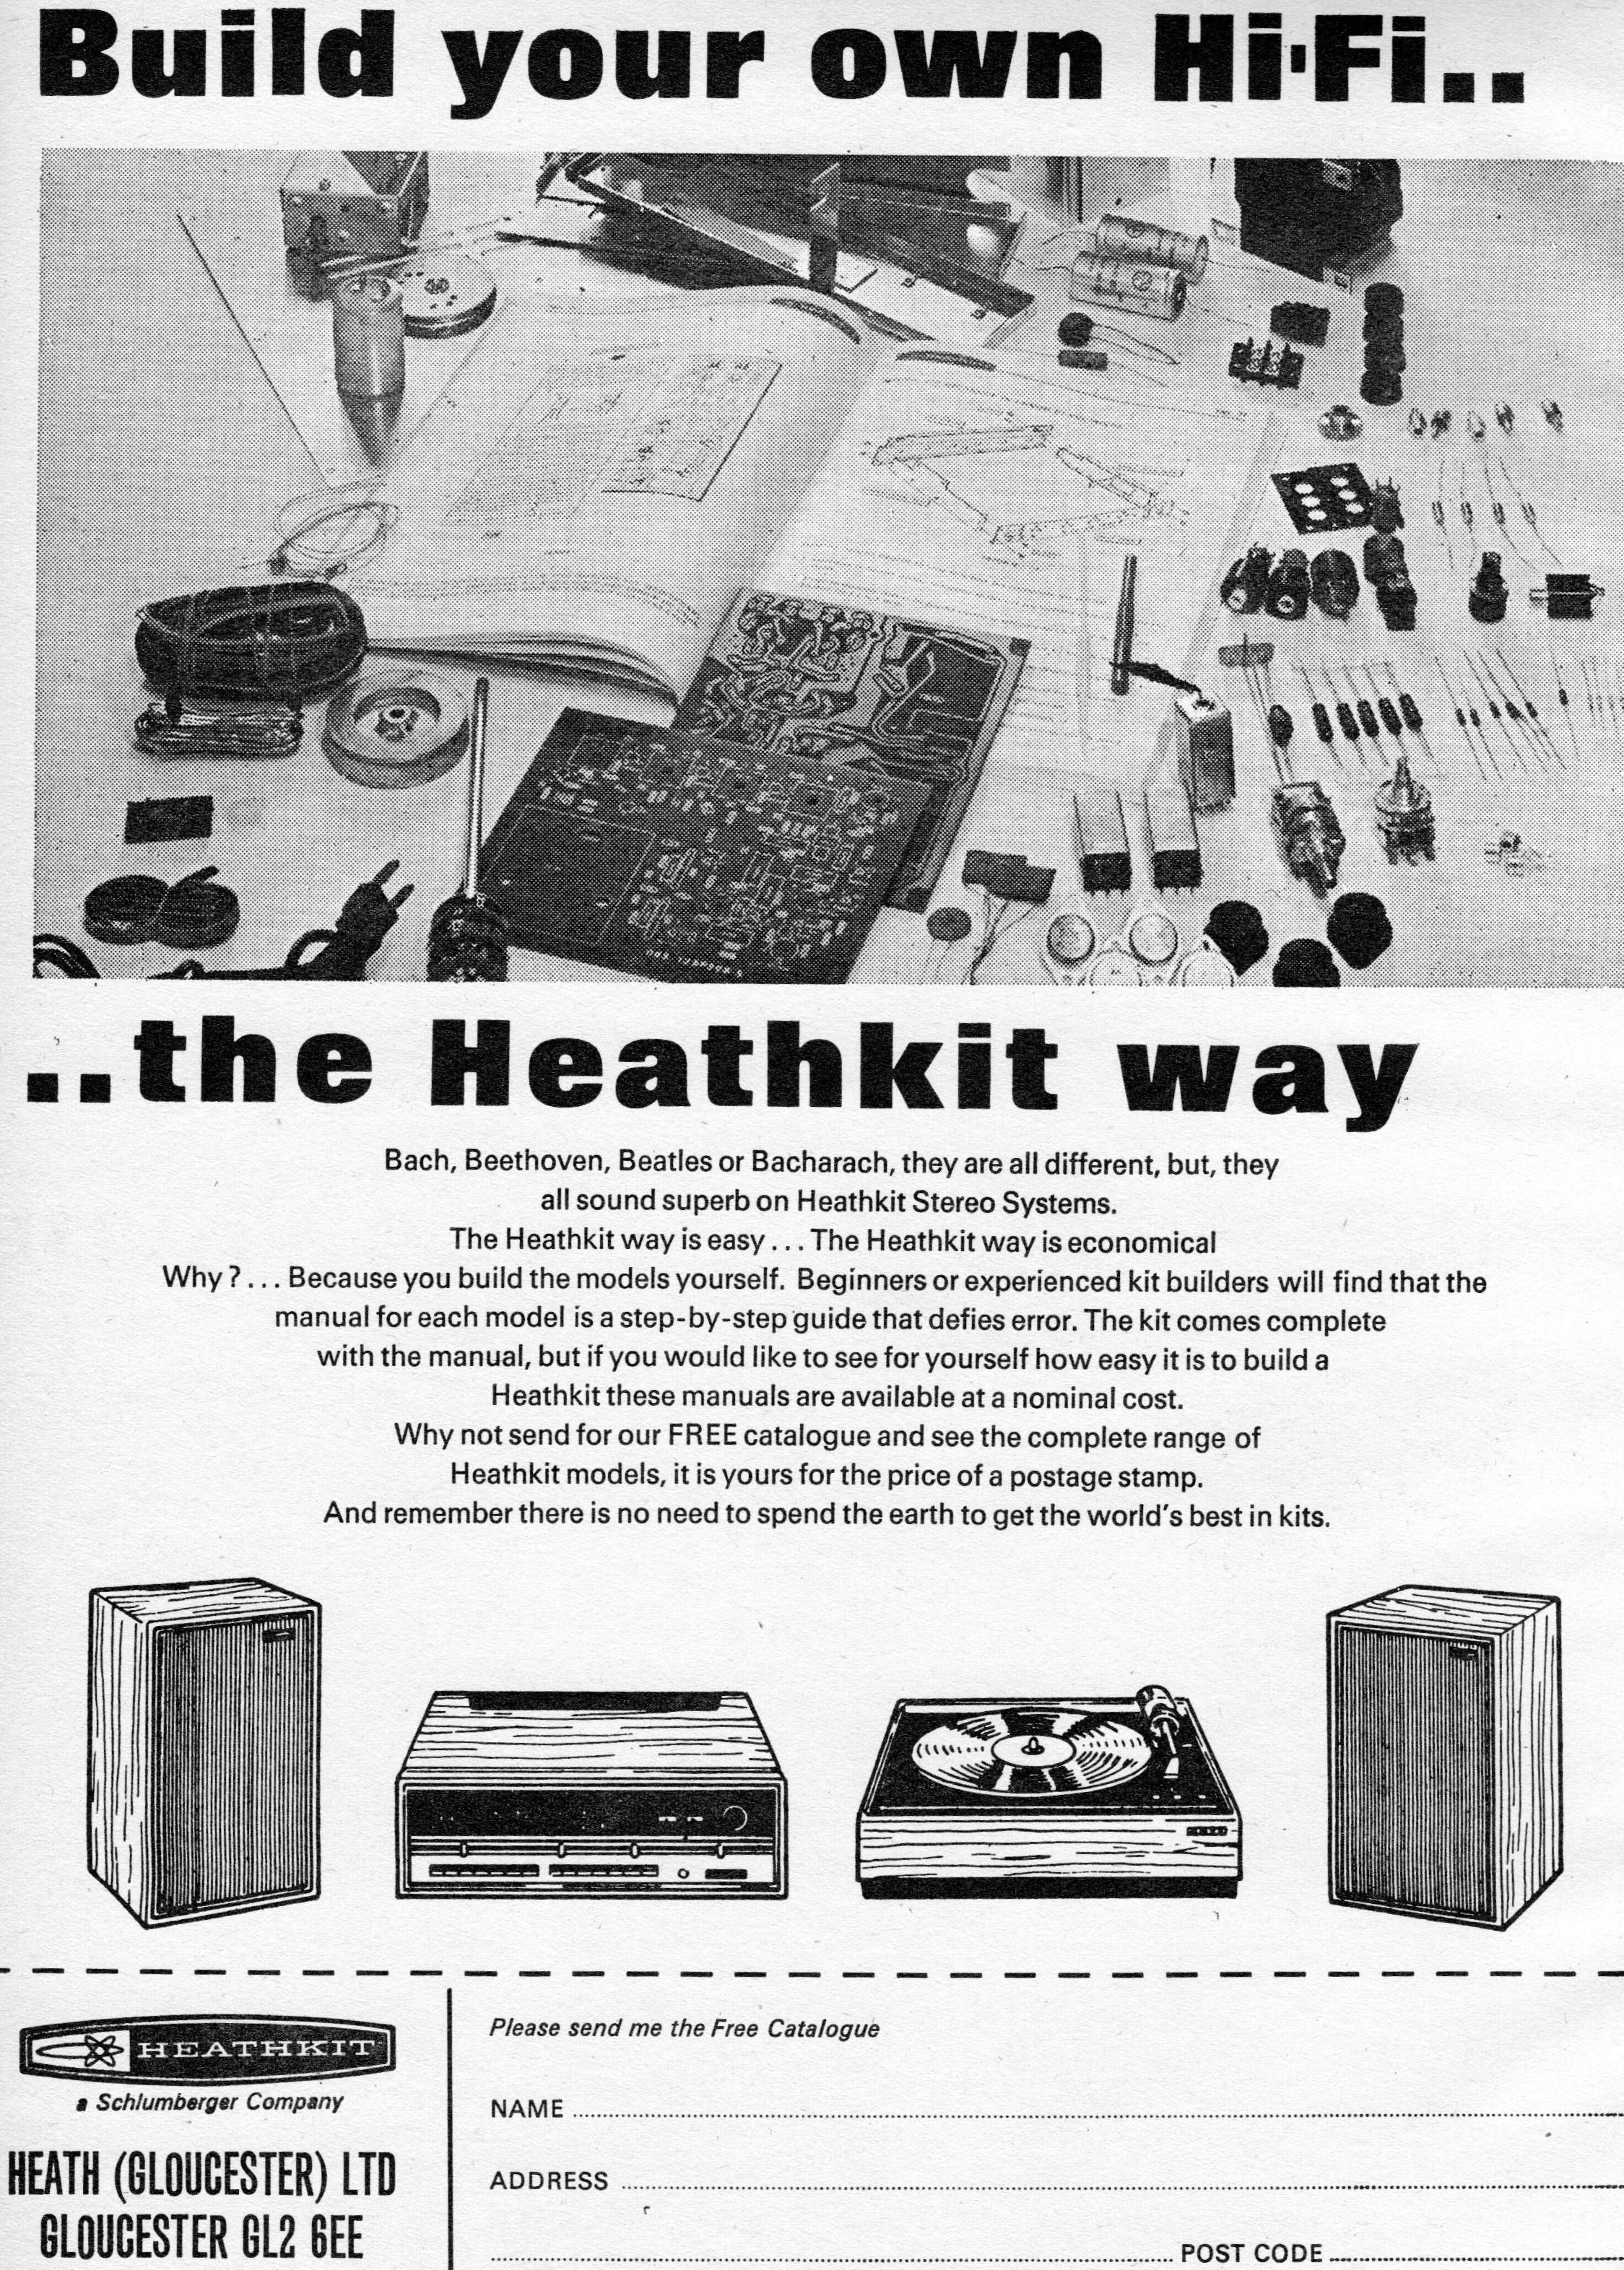 Heathkit Advert 1971.jpg